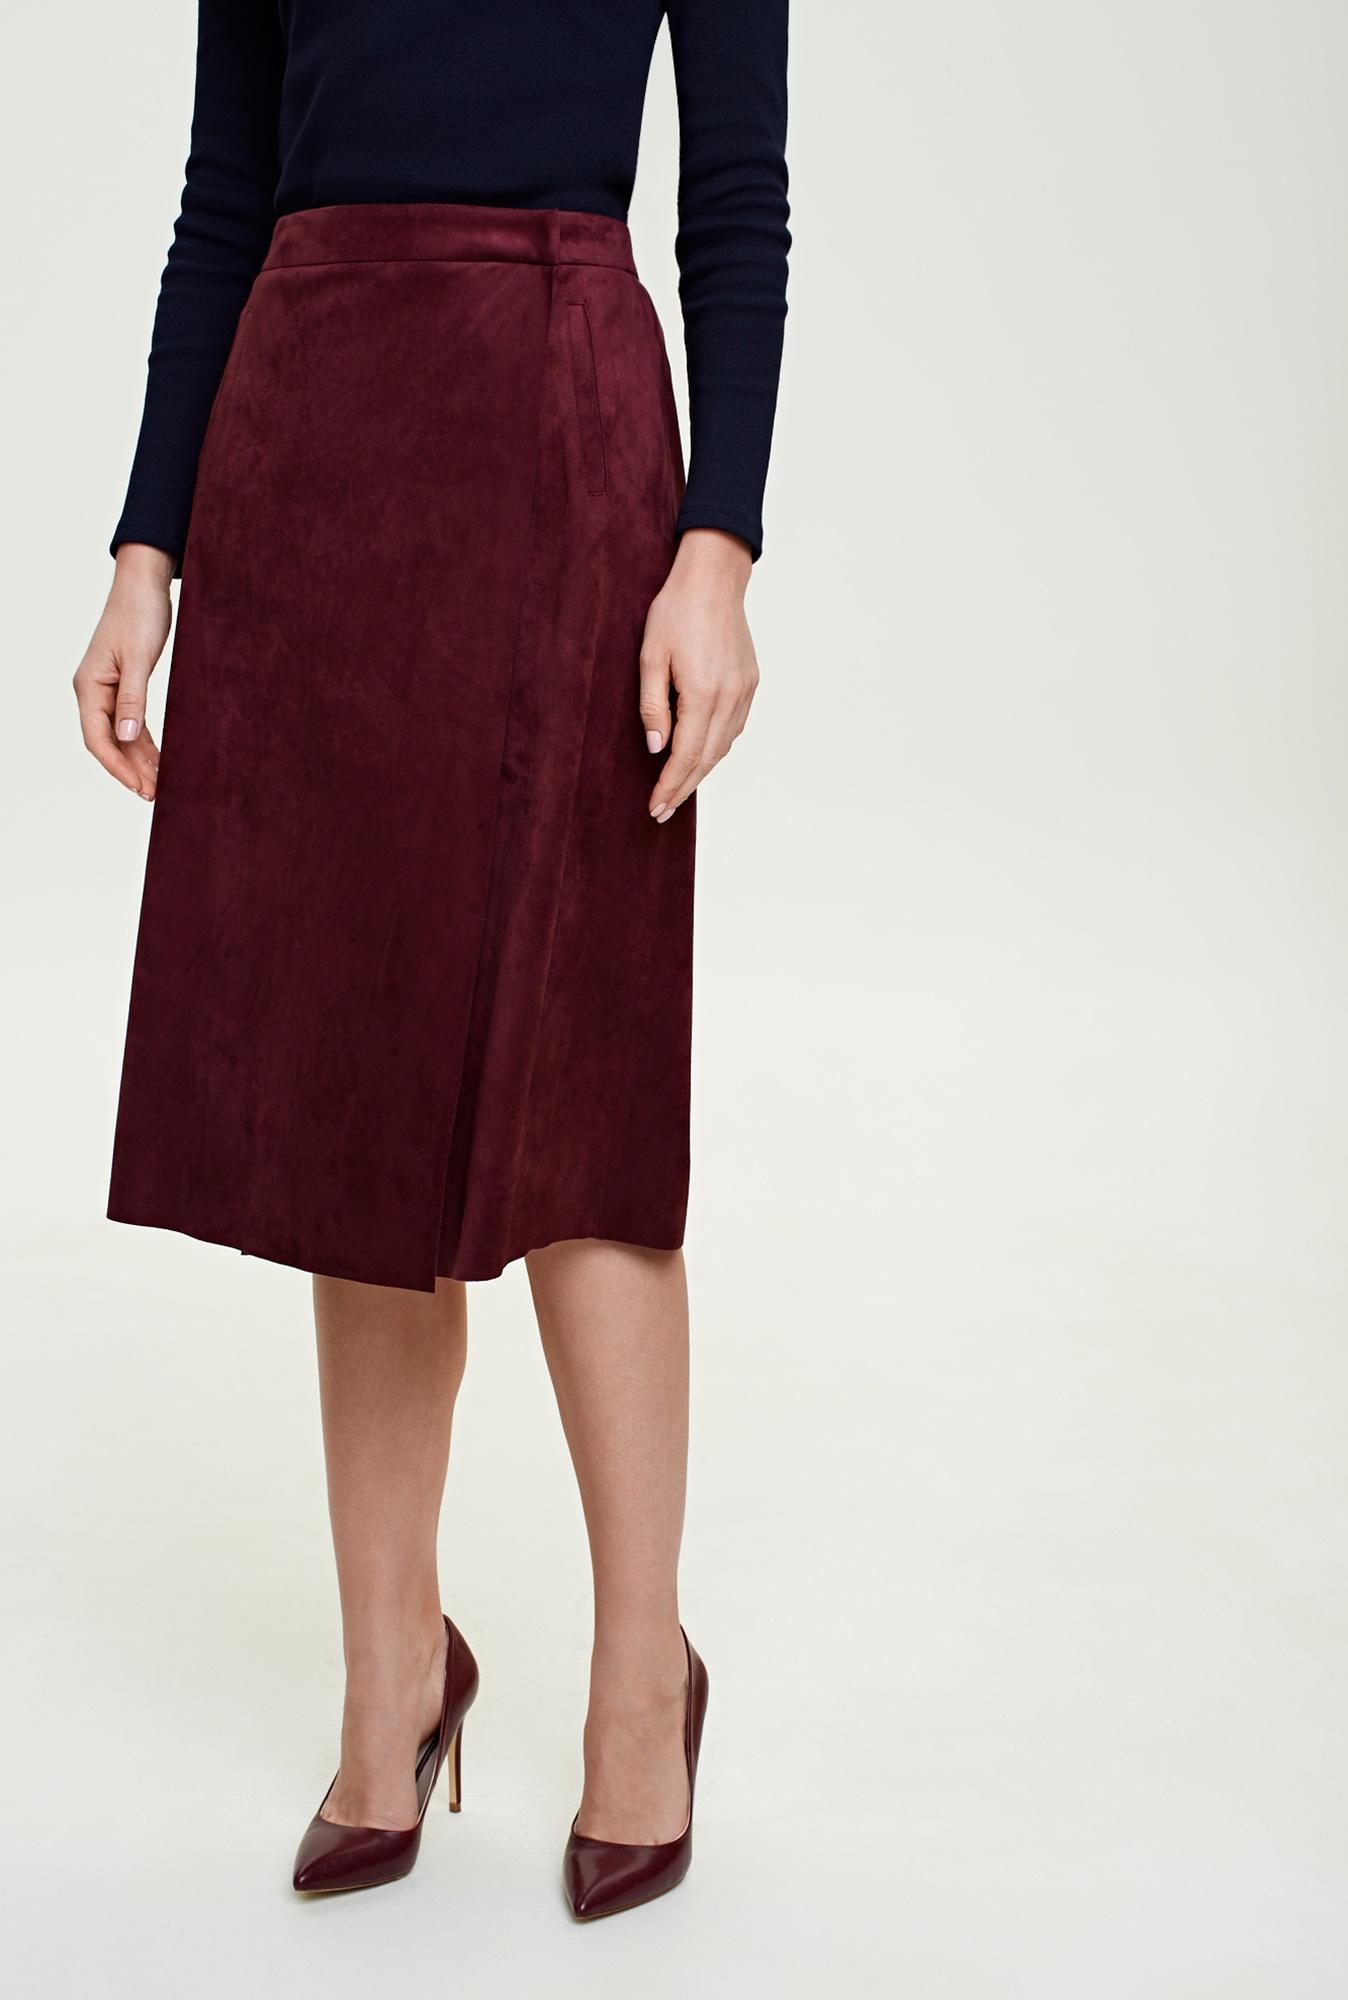 Юбка Concept Club платье concept club larosh цвет вишневый 10200200608 3200 размер xxs 40